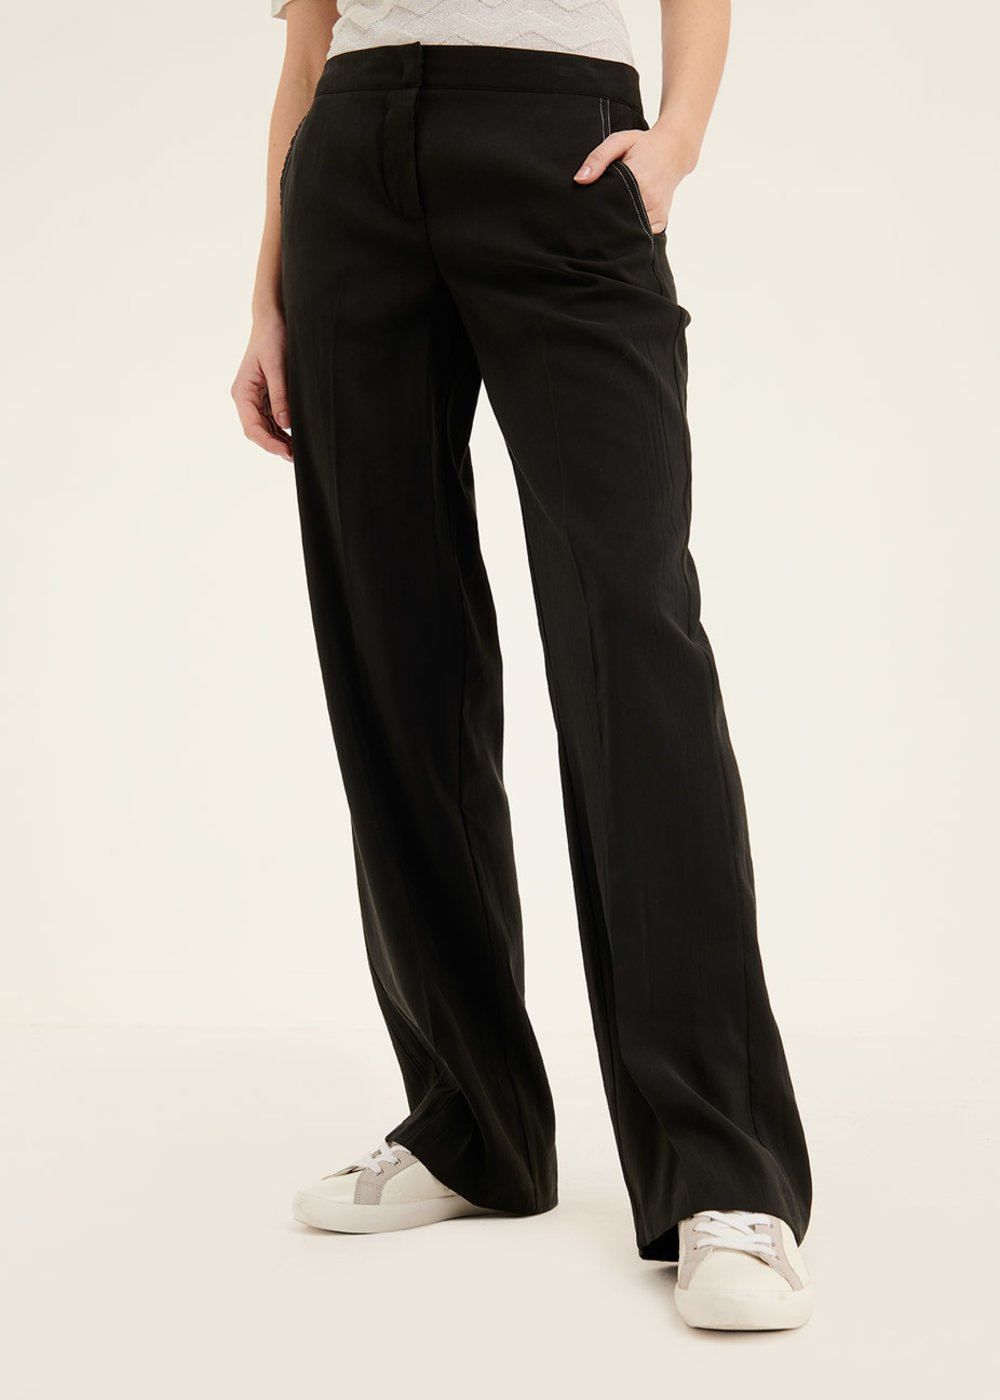 Pantalone Paride mano di pesca - Black - Donna